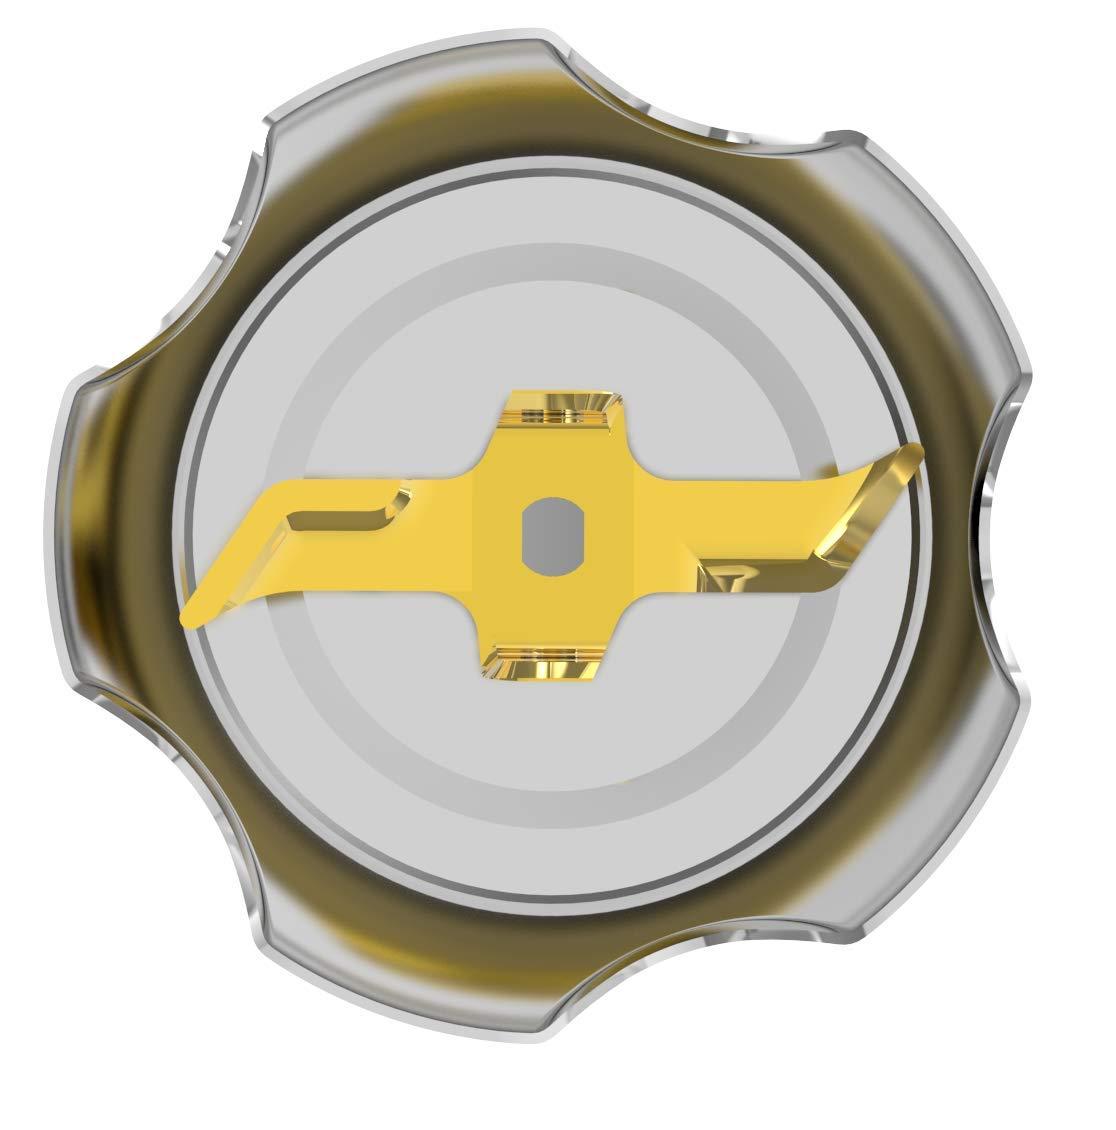 SOGO SS-14410 Batidora de Mano Potente, 1000W, Cuchillas de ...